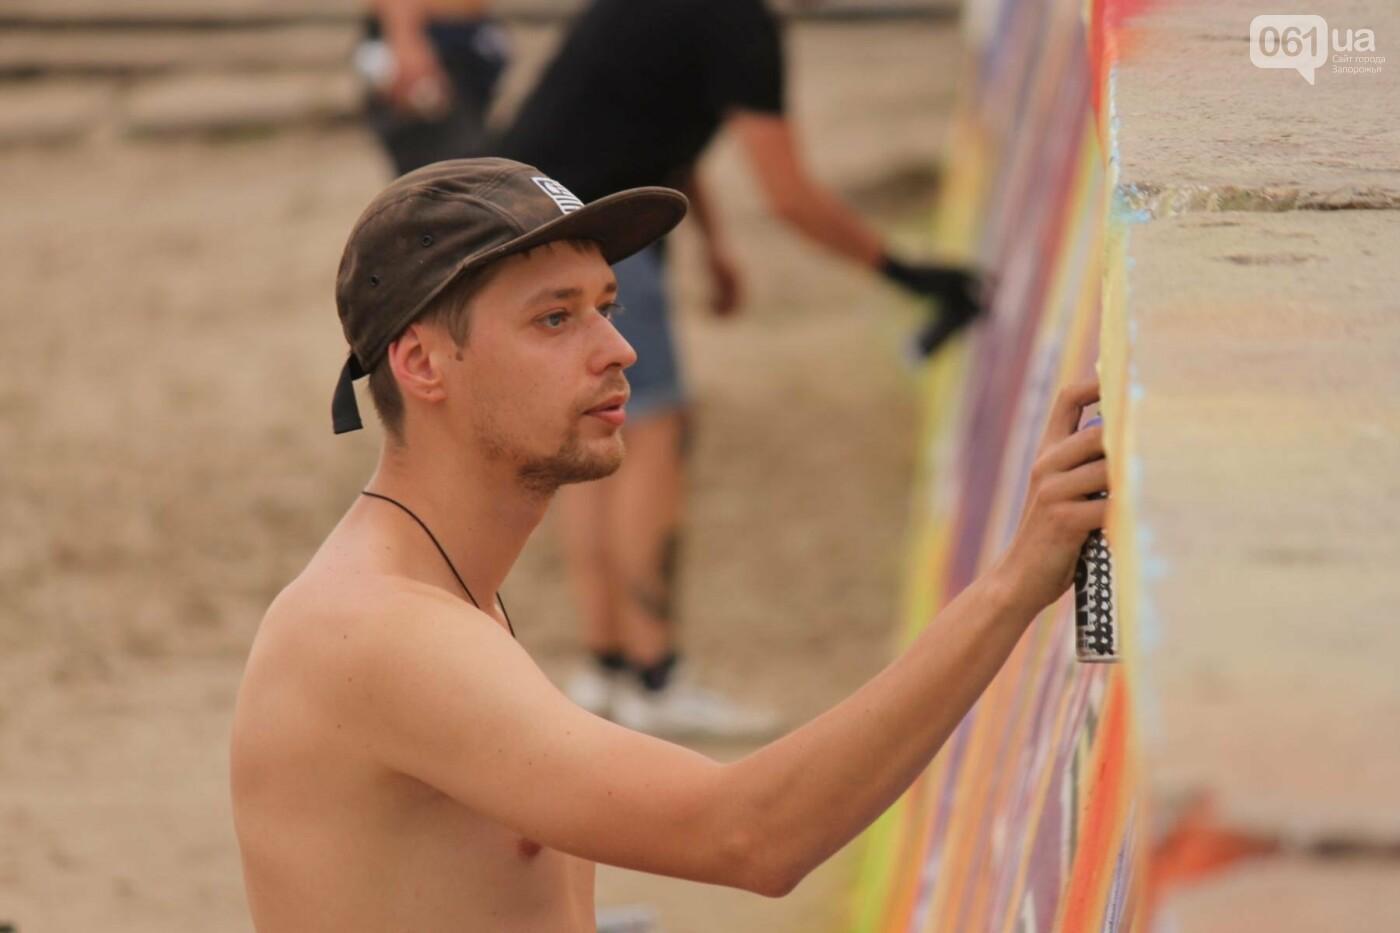 В Запорожье на пляже закончился фестиваль граффити: разрисовали 150 метров бетонной стены, – ФОТОРЕПОРТАЖ, фото-23